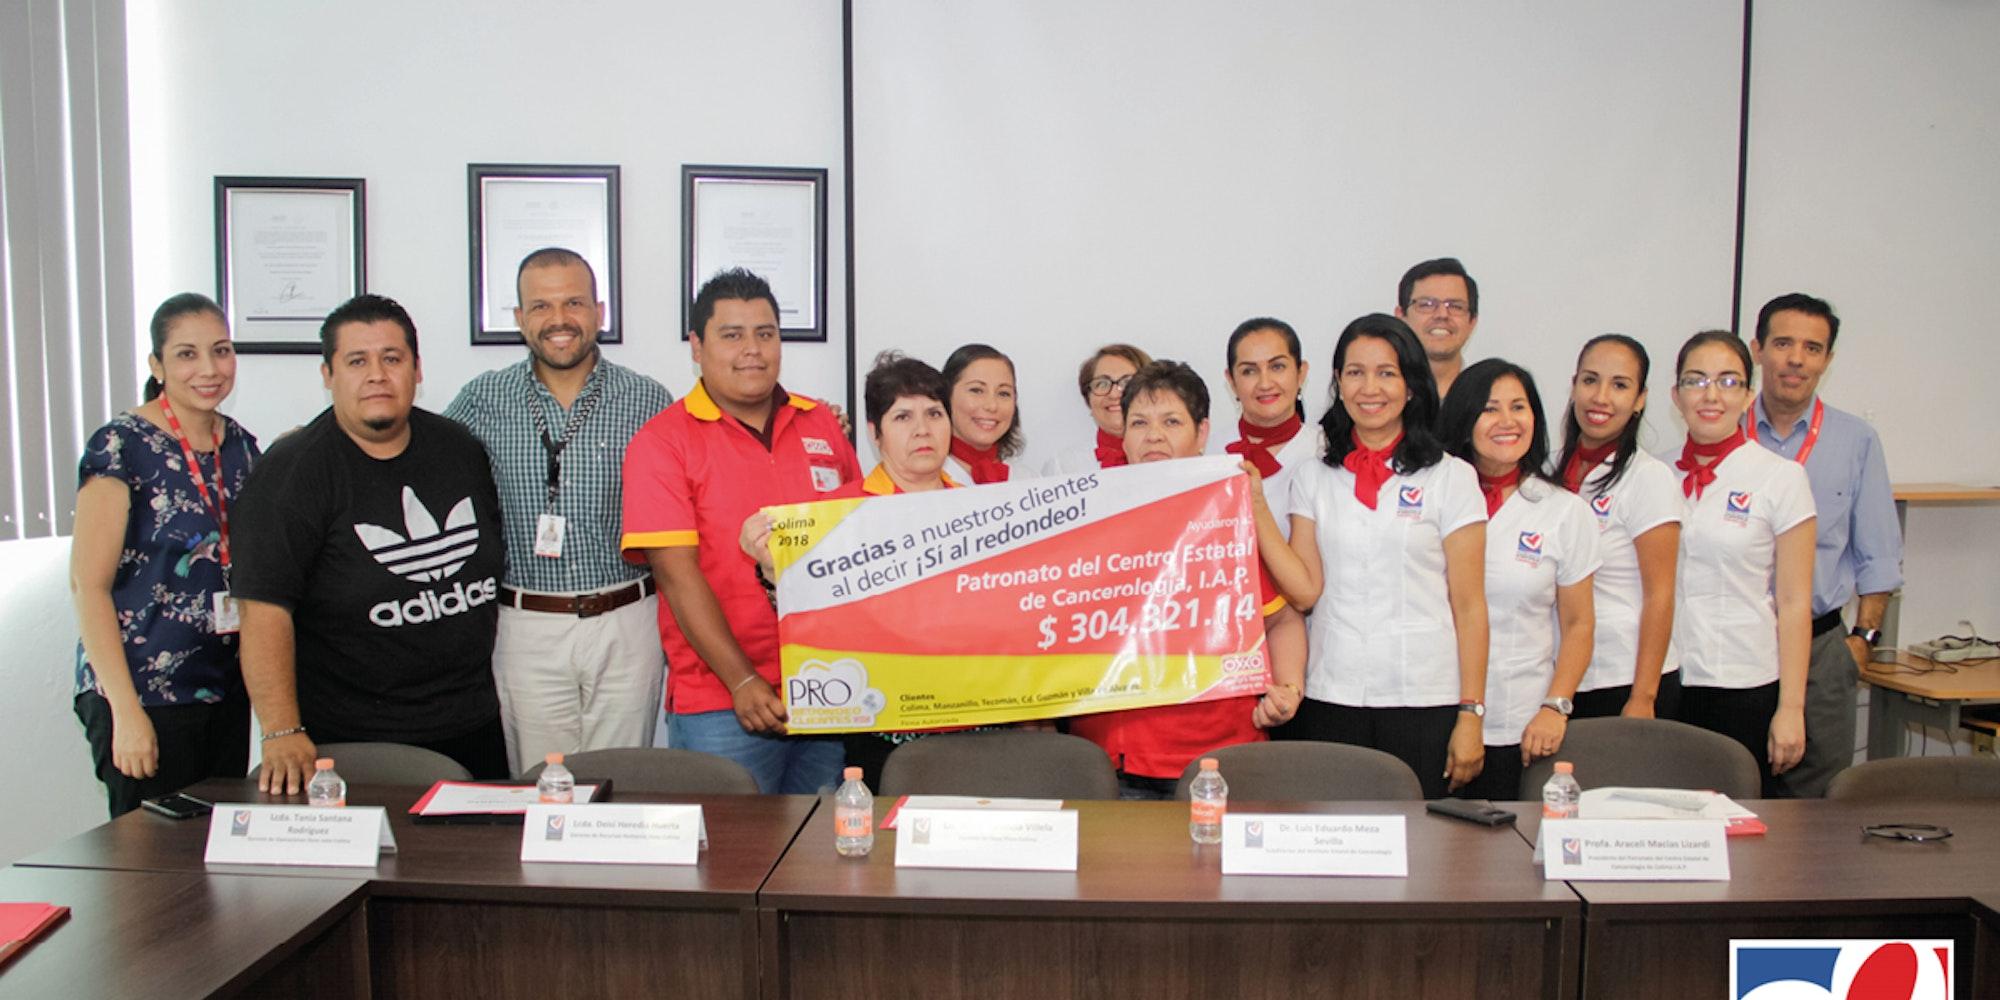 Cover Image for Patronato del Centro Estatal de Cancerología IAP, recibe donativos del Programa de Redondeo Cliente OXXO